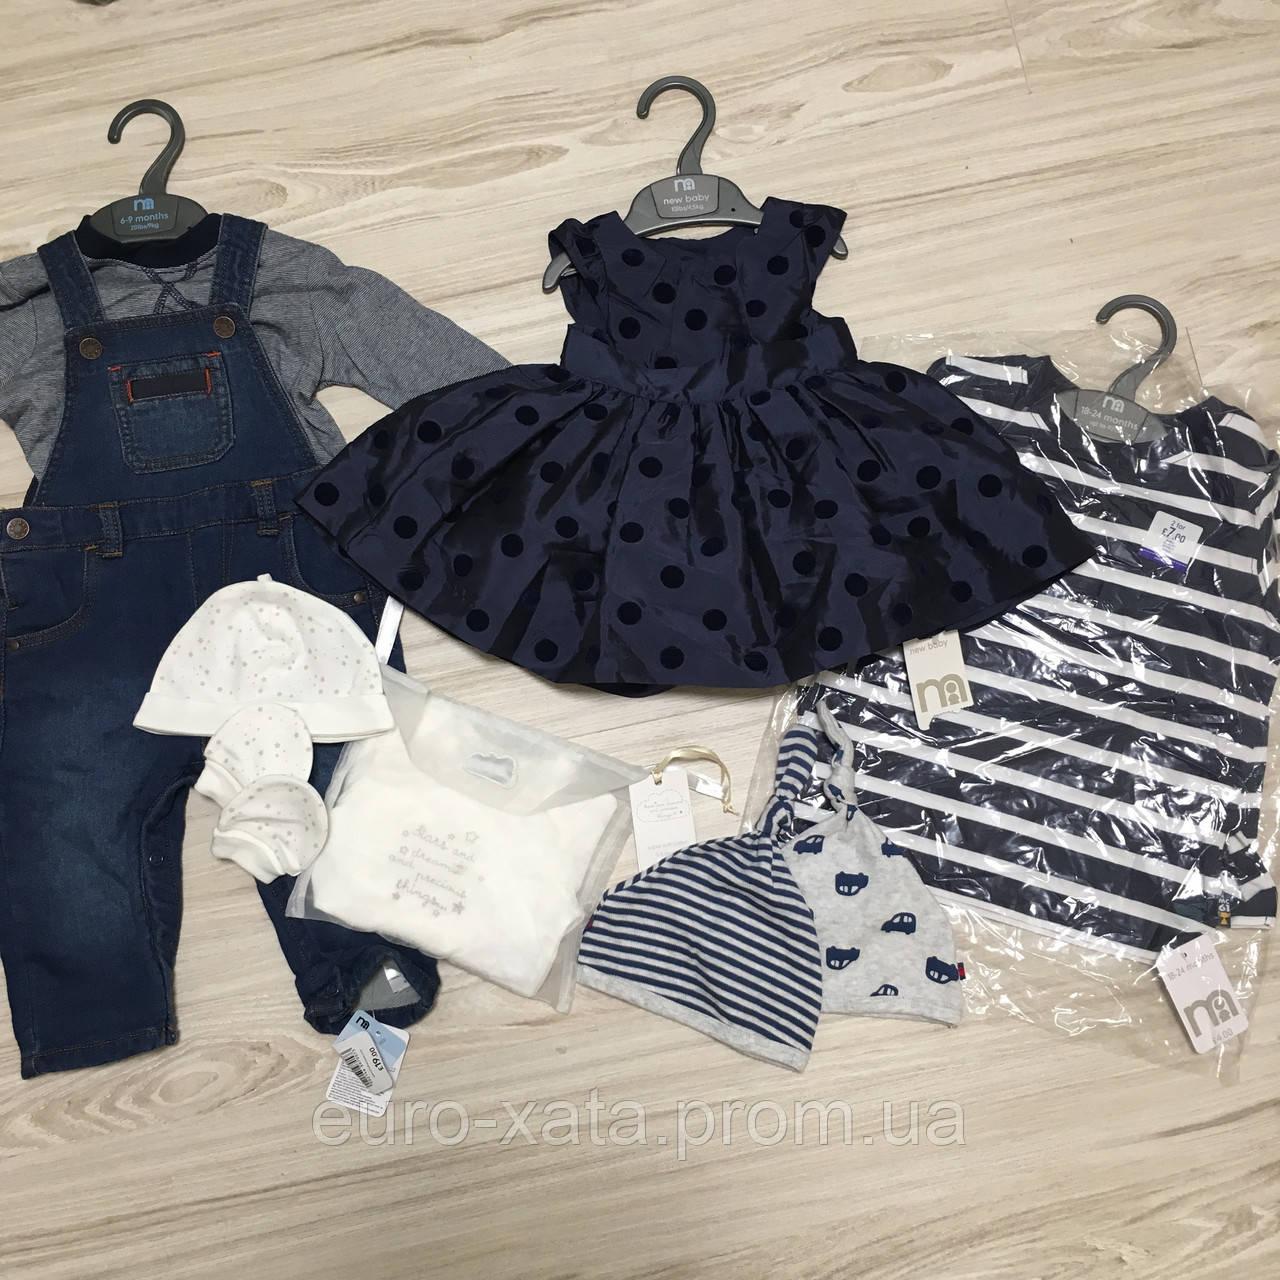 Детская одежда Mothercare оптом